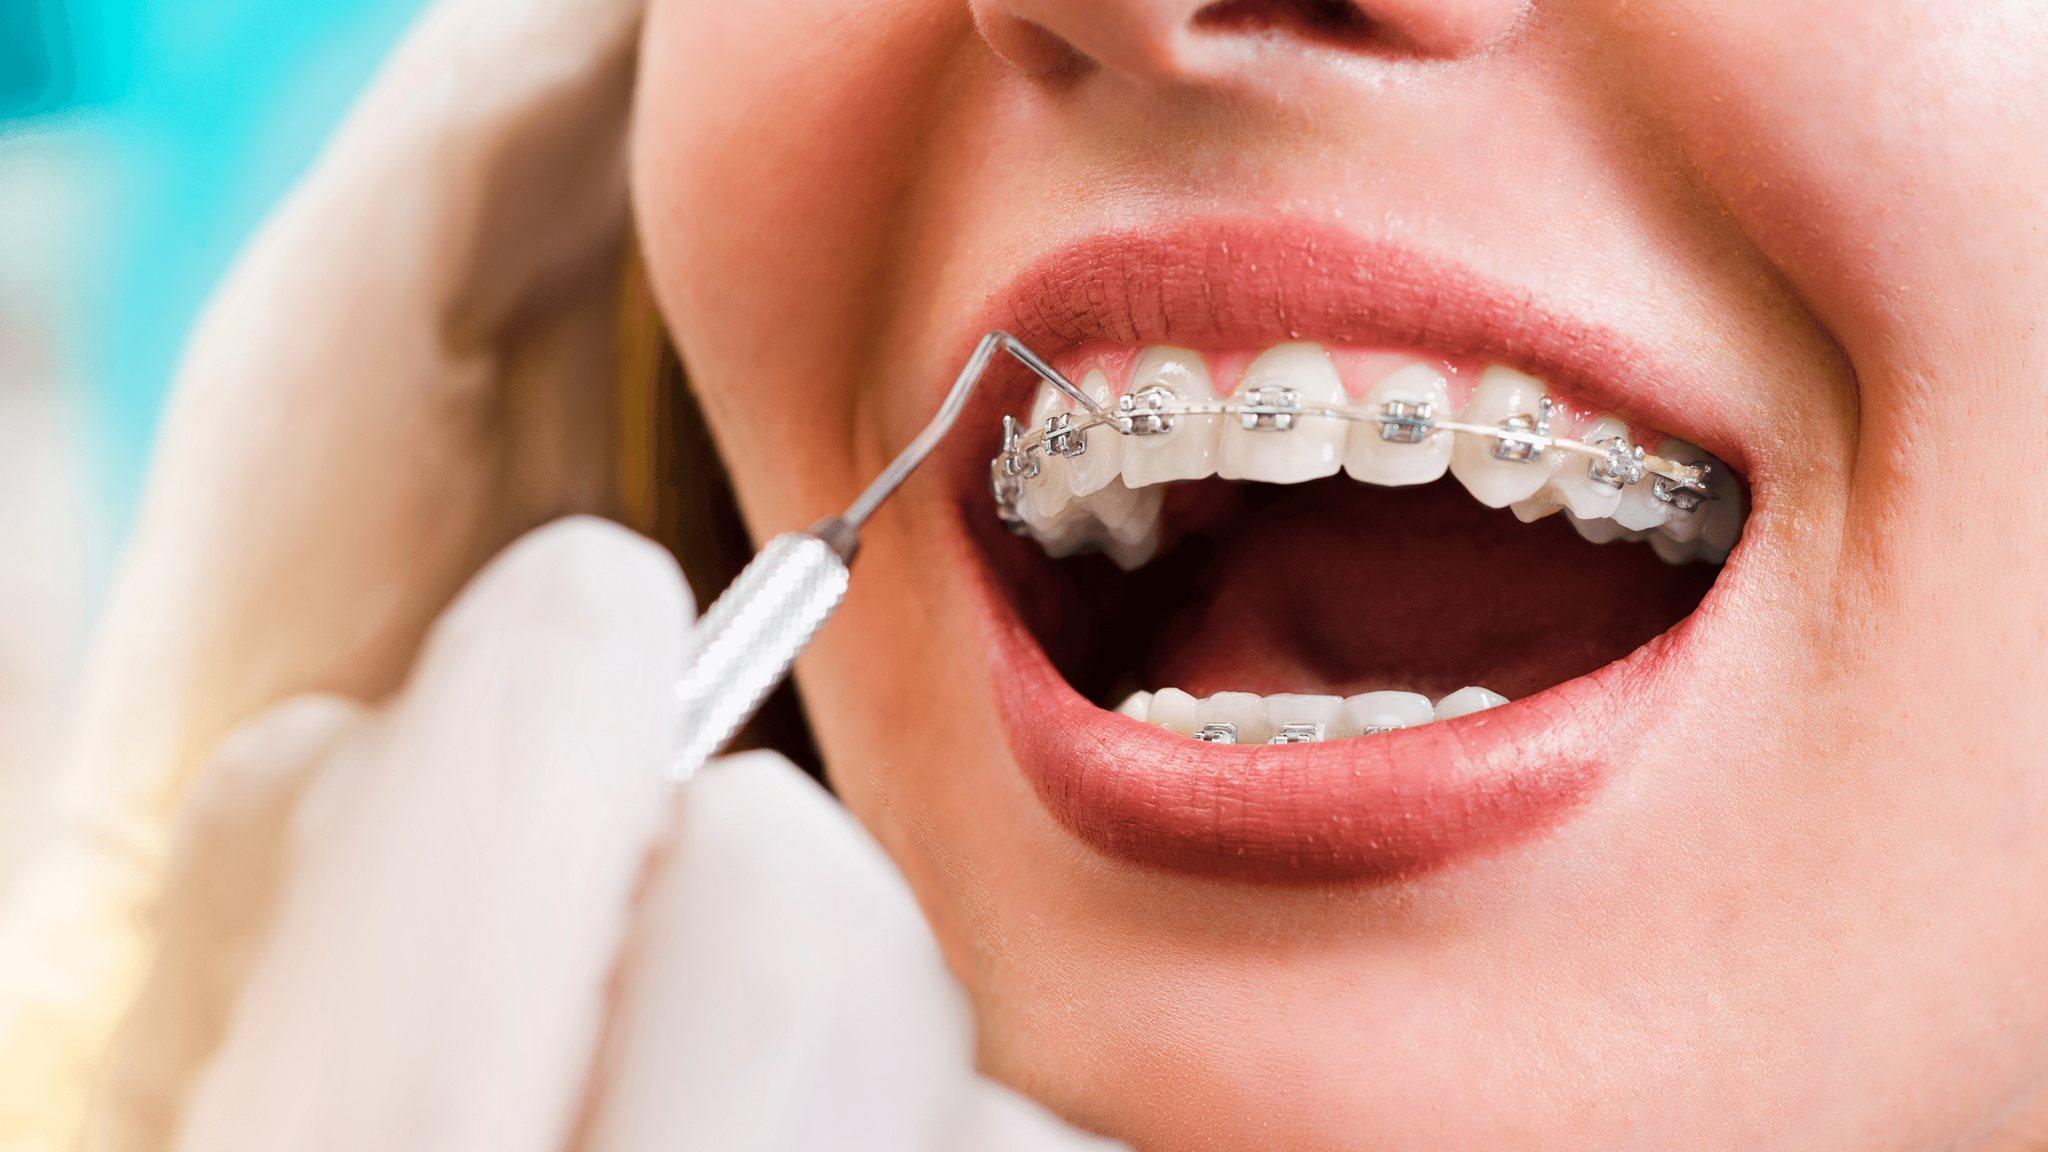 aparat ortodontyczny jak długo nosić